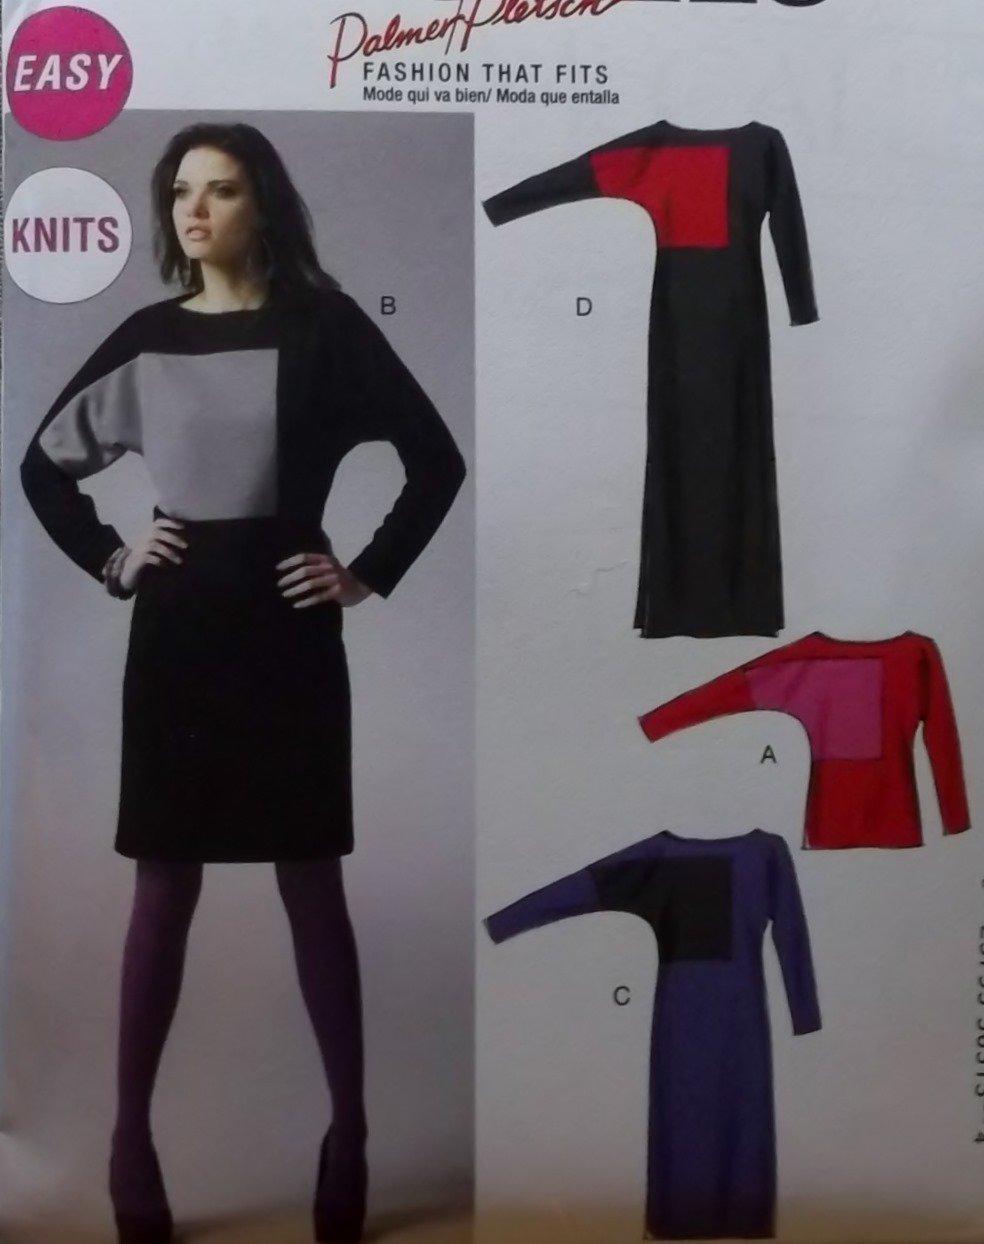 Easy McCalls M 6792 Pattern, Palmer Pletsch Misses' Top & Dress, Plus Size 16 18 20 22 24, UNCUT